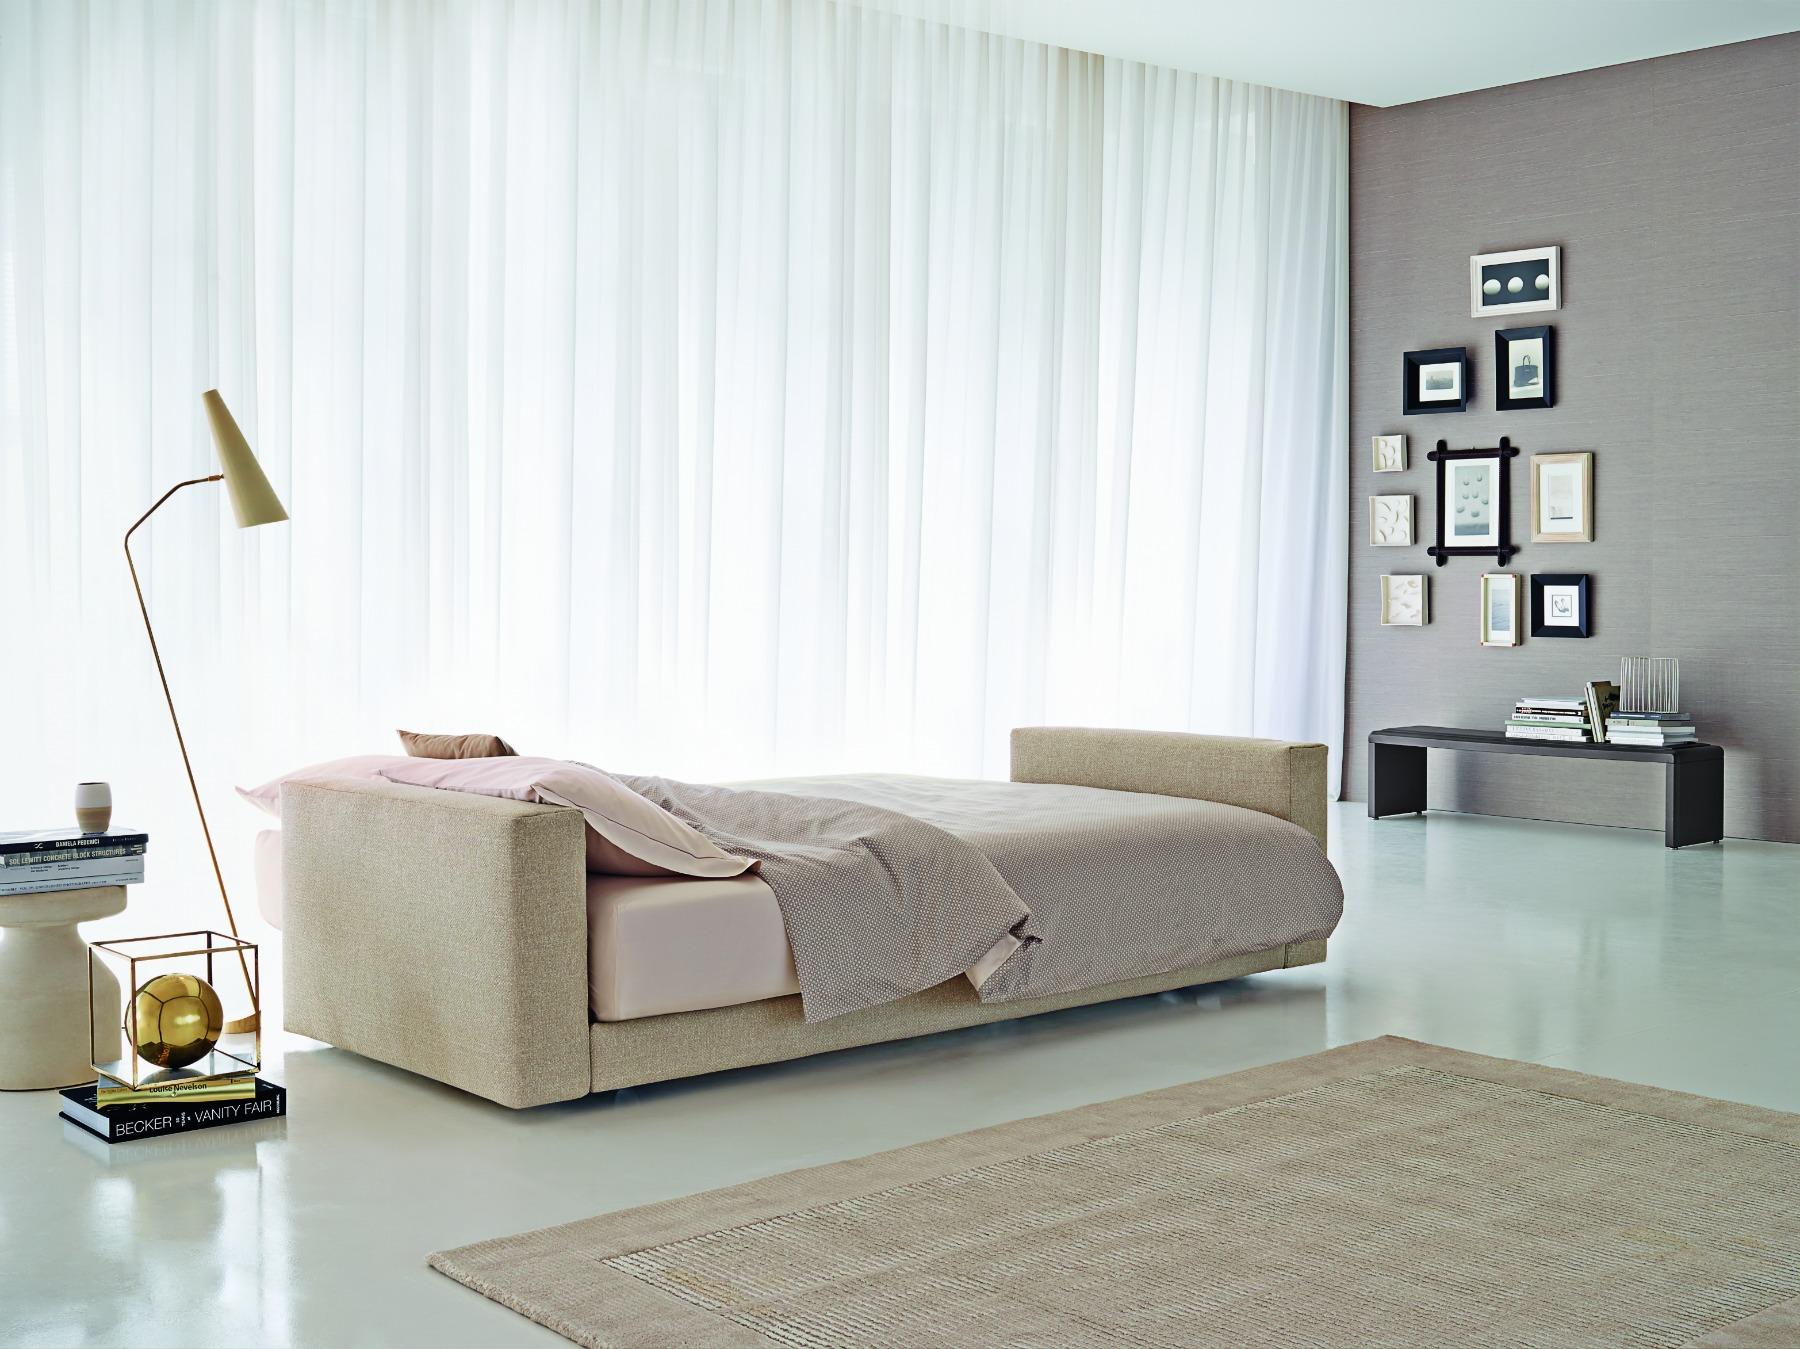 divano letto sfoderabile piazza duomo flou2